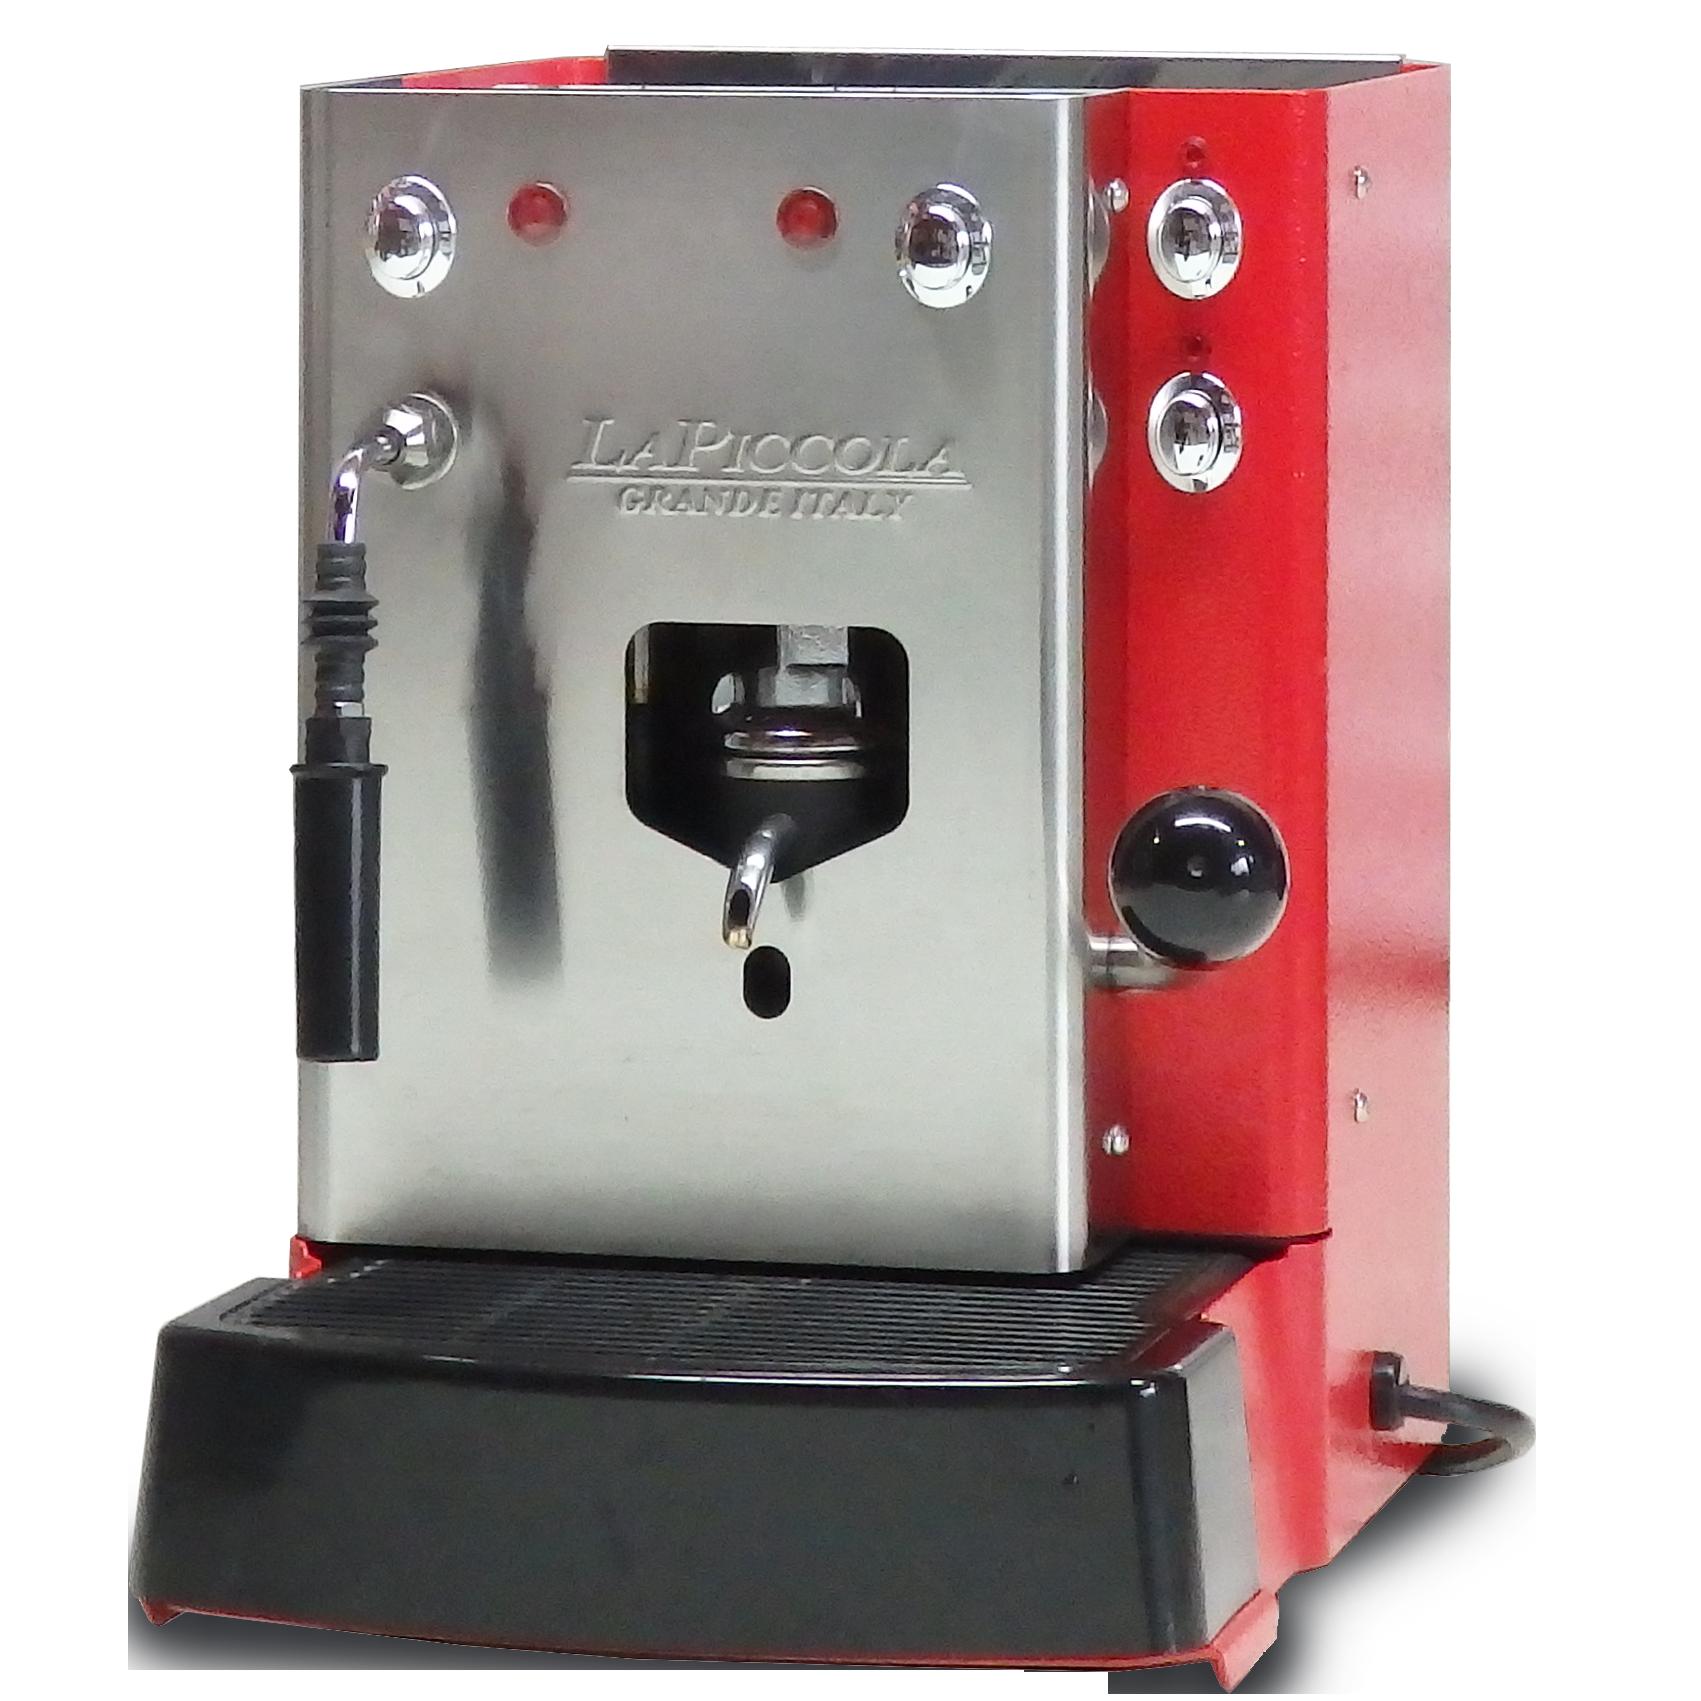 Sara Coffee Machine Red